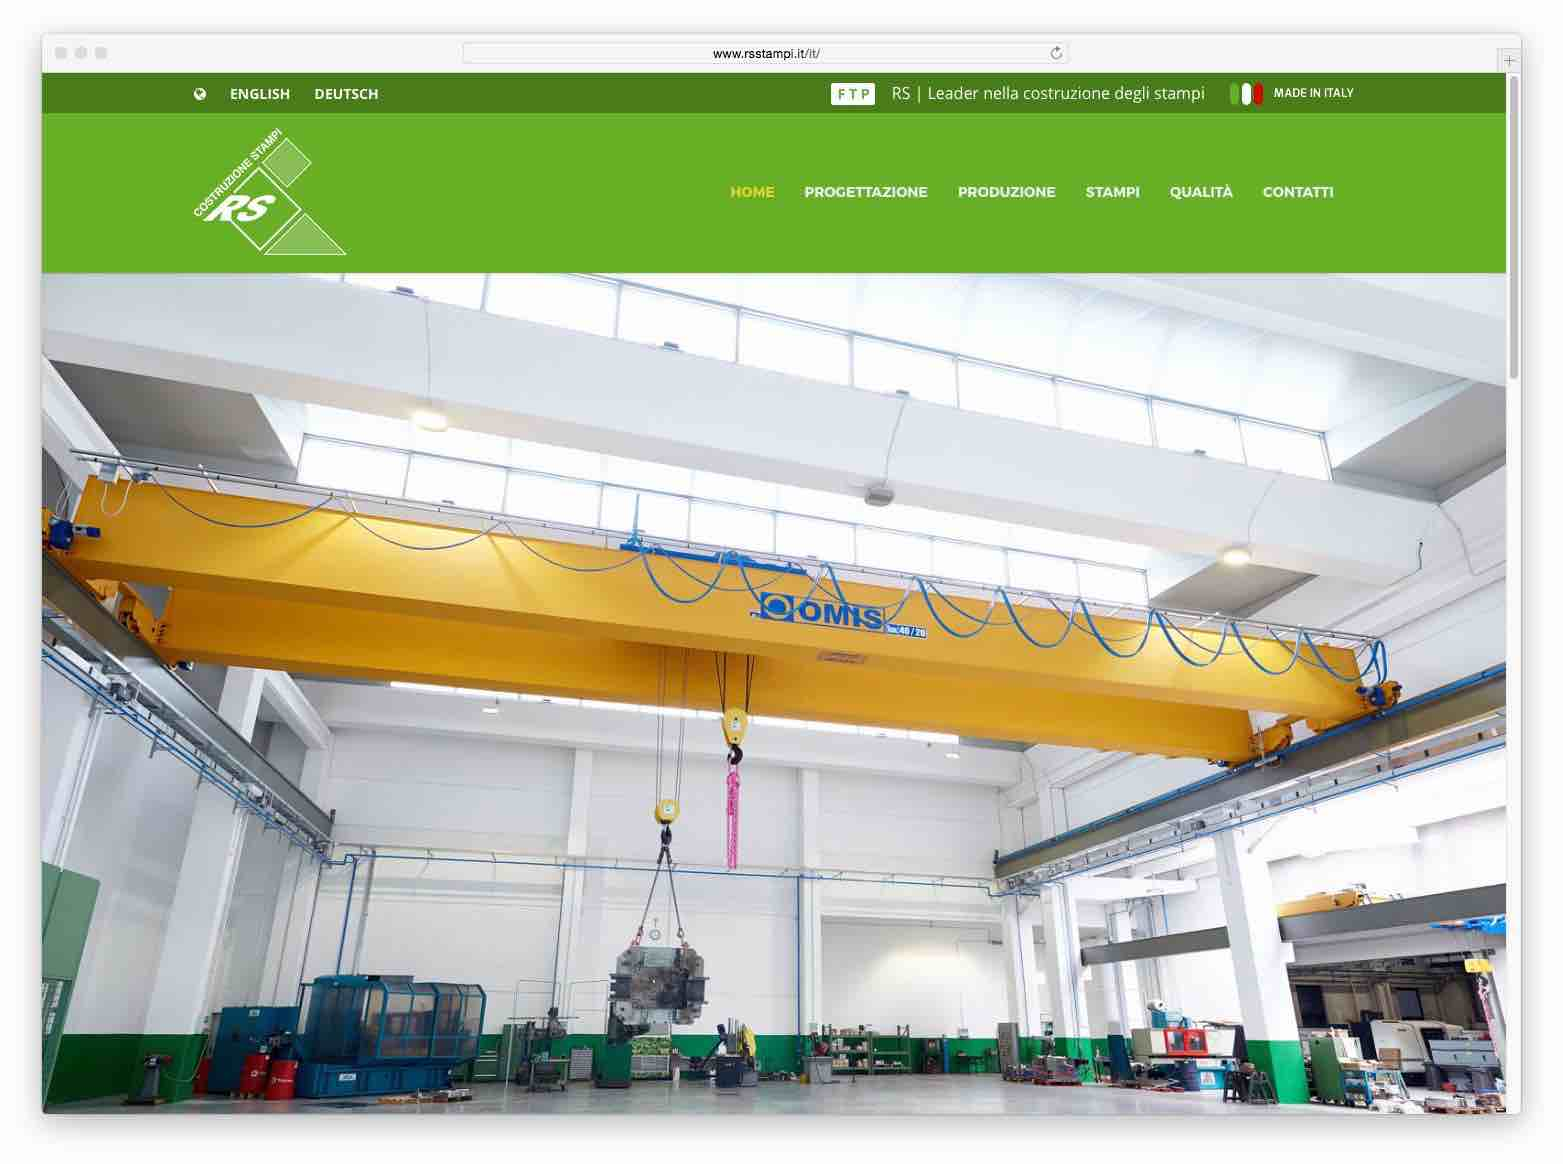 creazione siti web brescia - sito web rs stampi